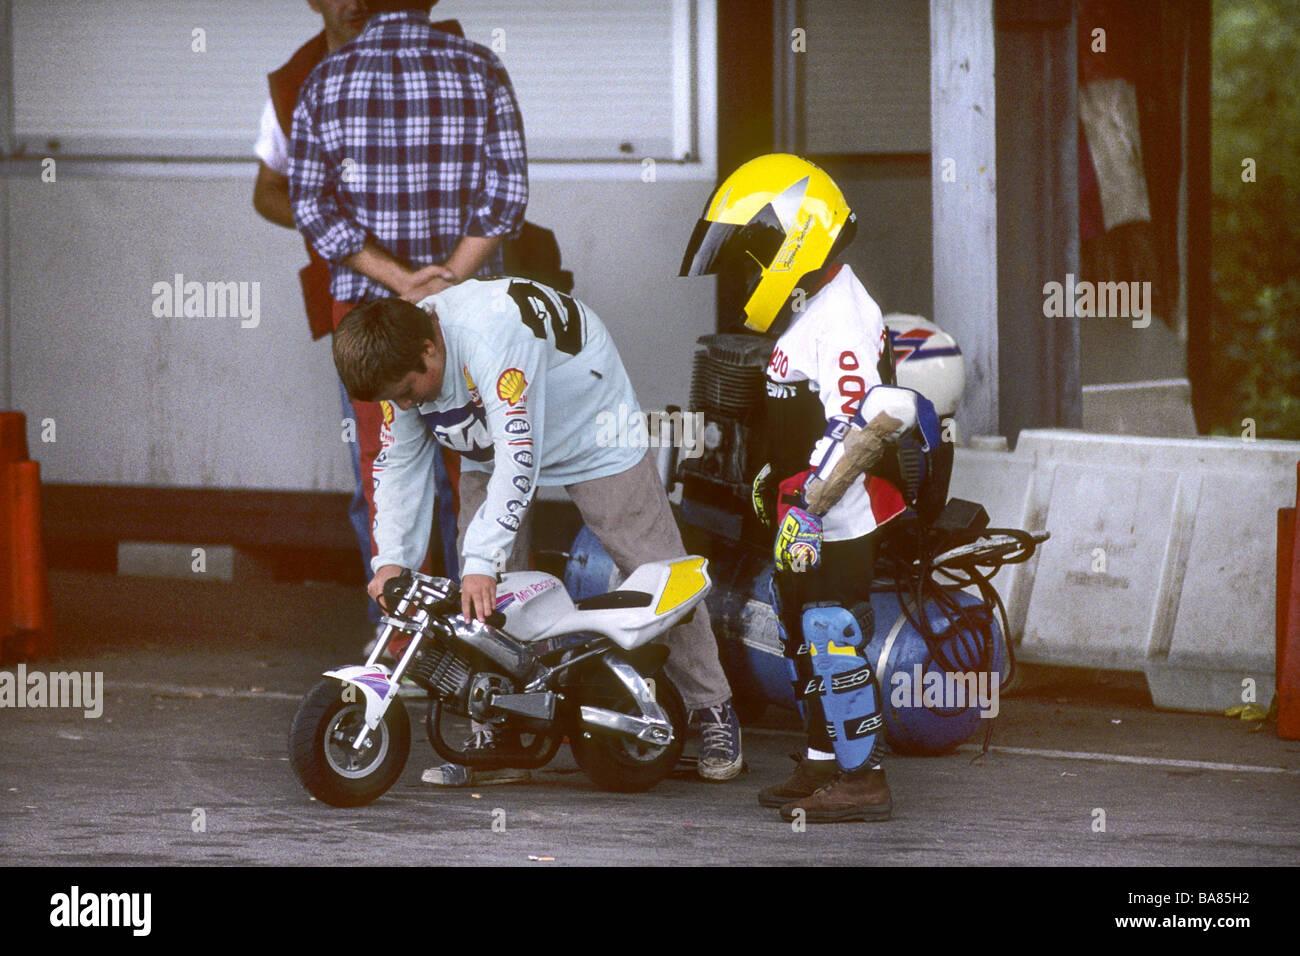 Mini Moto Race   Stock Image